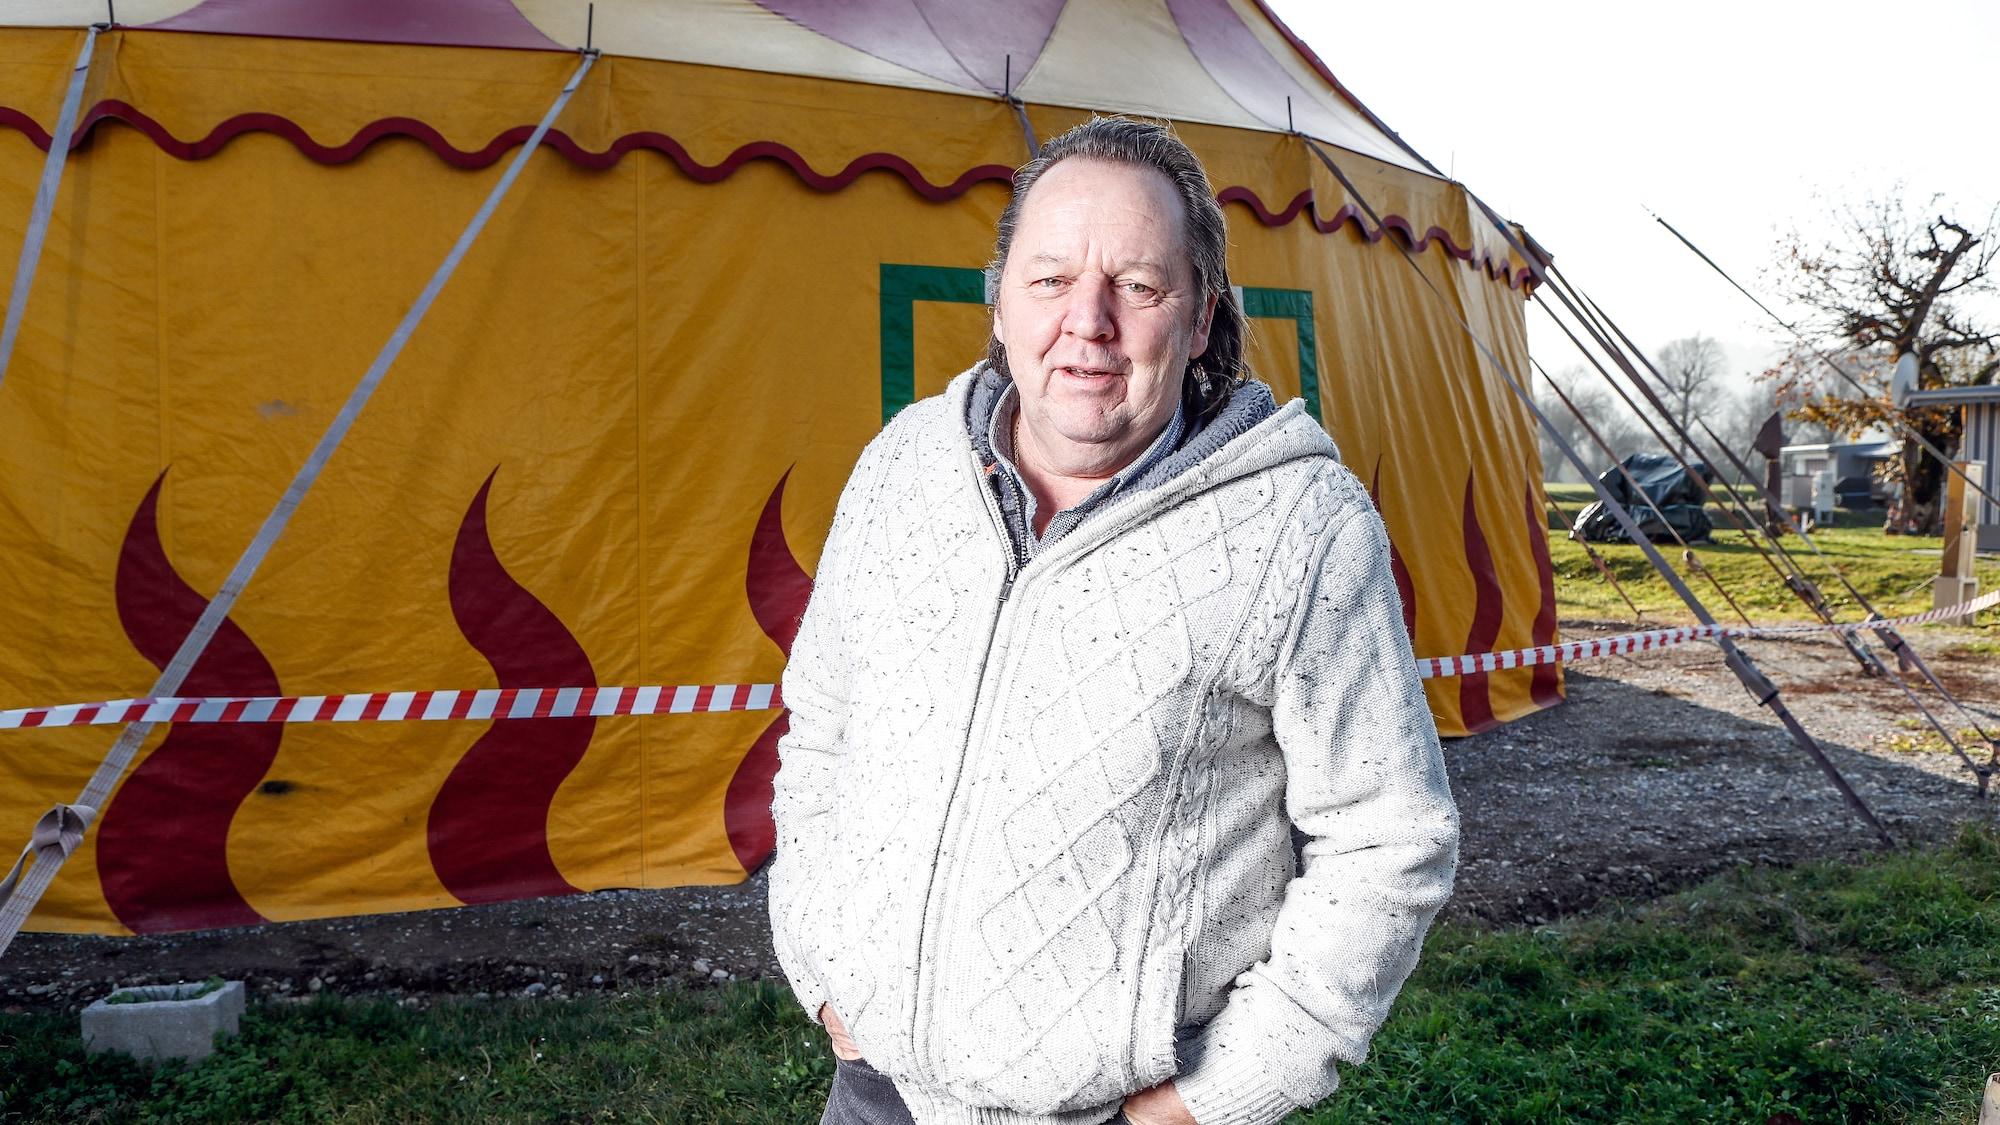 Beat Breu spricht exklusiv über seine Zirkus-Pläne: «Ich komme zurück in die Manege!»